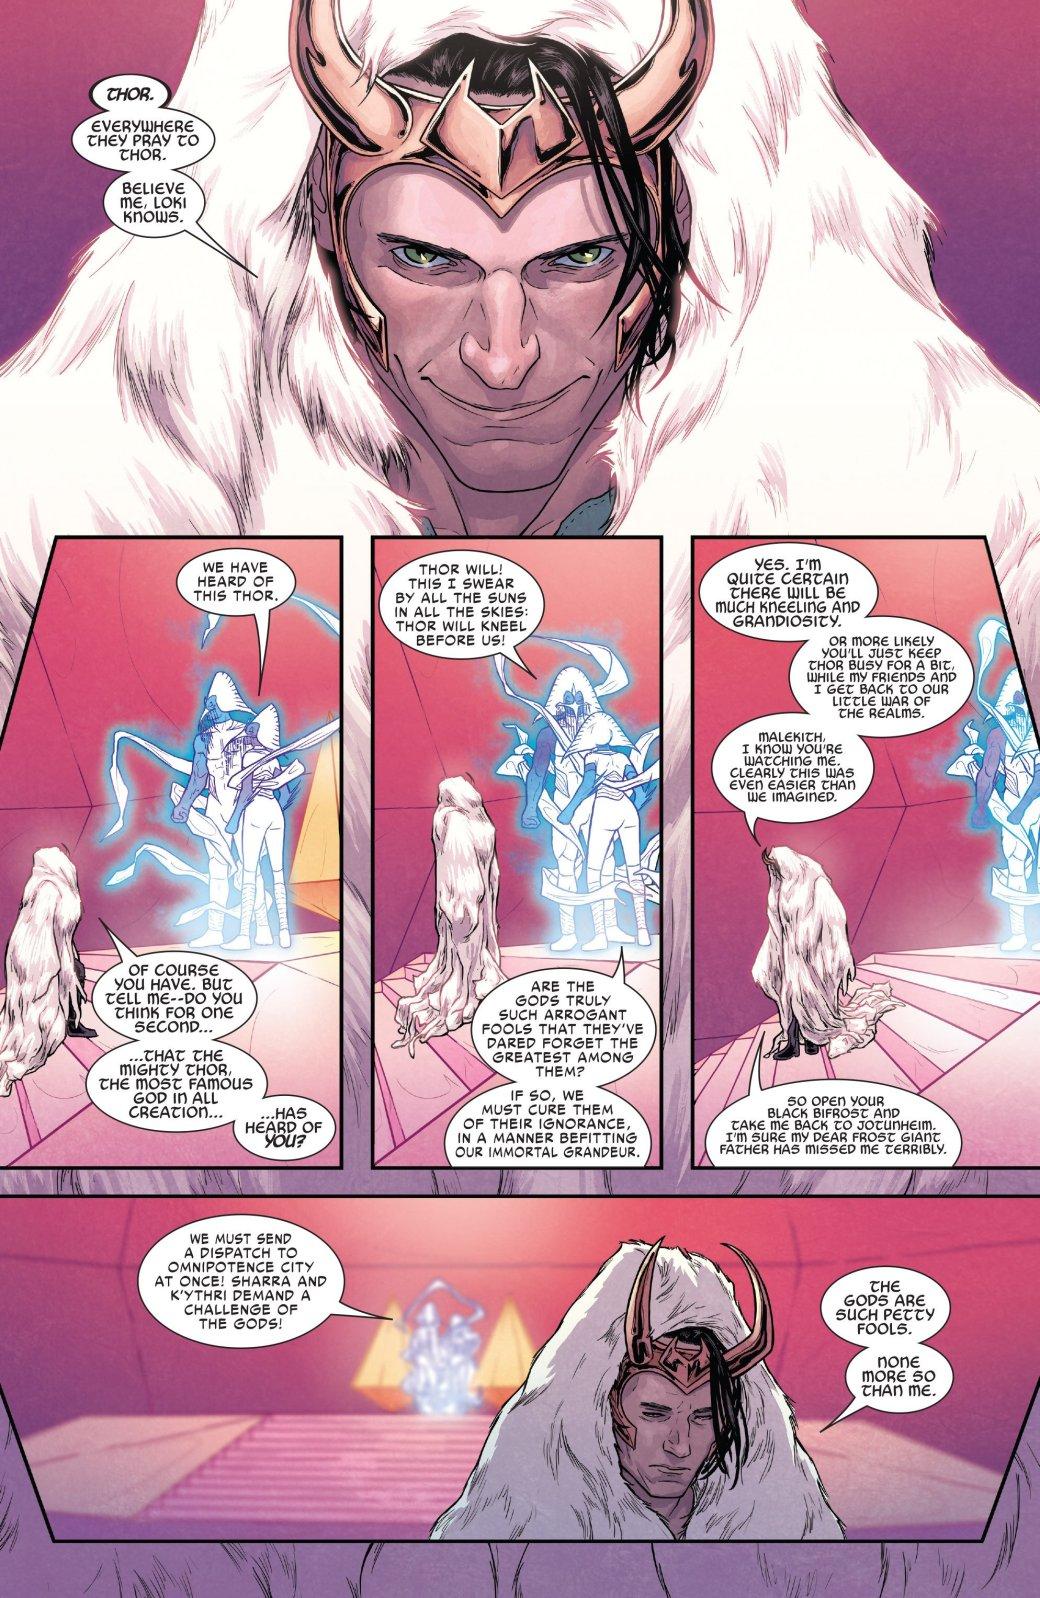 Асгард своих не бросает: боги пришли на помощь похищенной Тор - Изображение 3